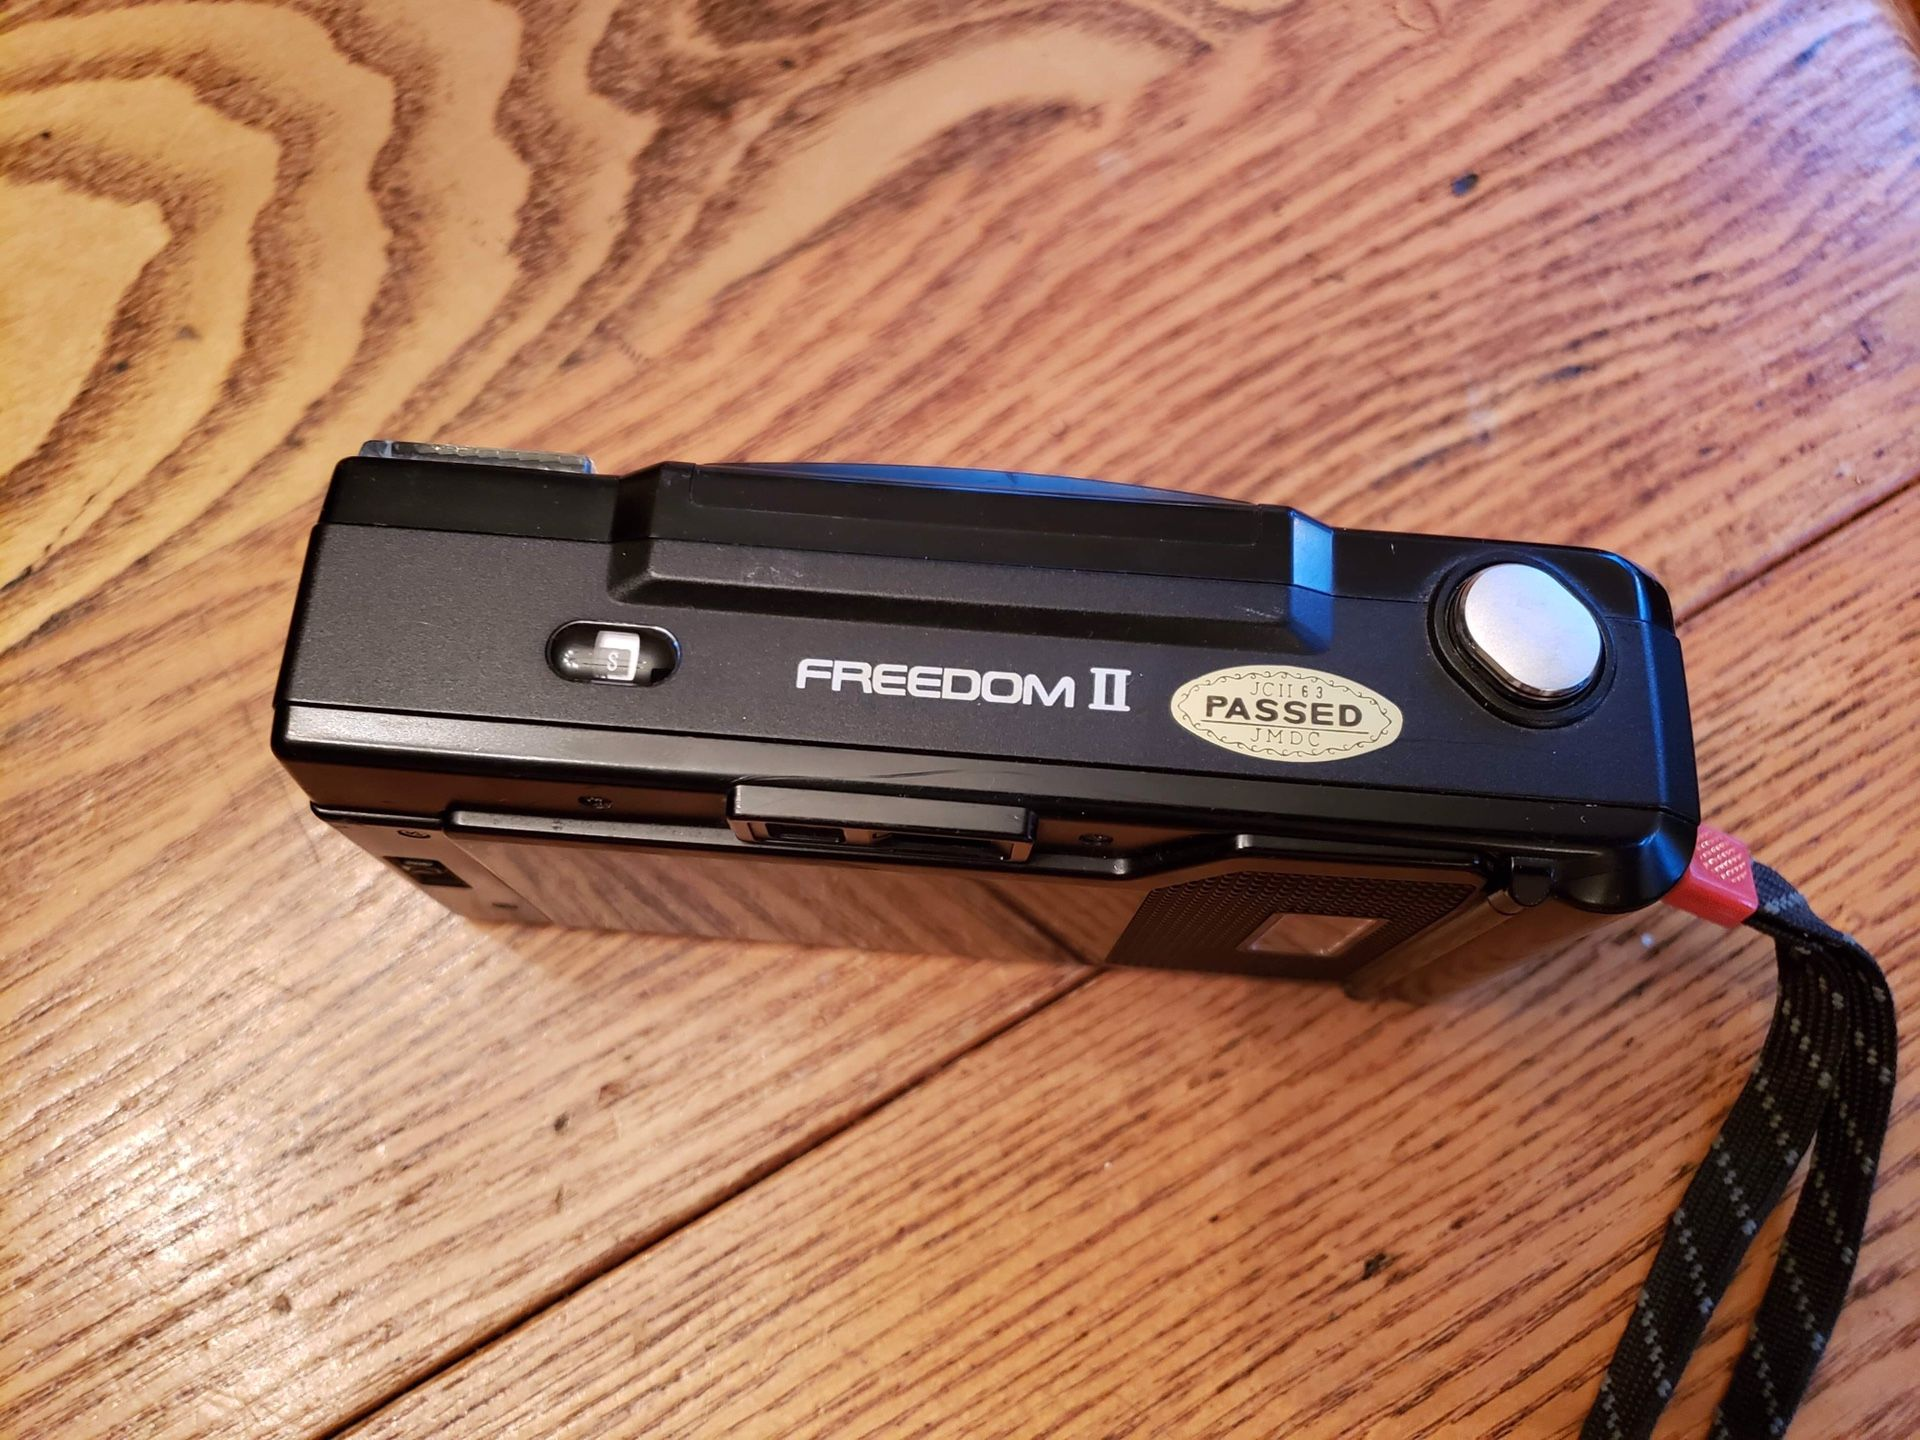 Minolta Freedom II Film Camera